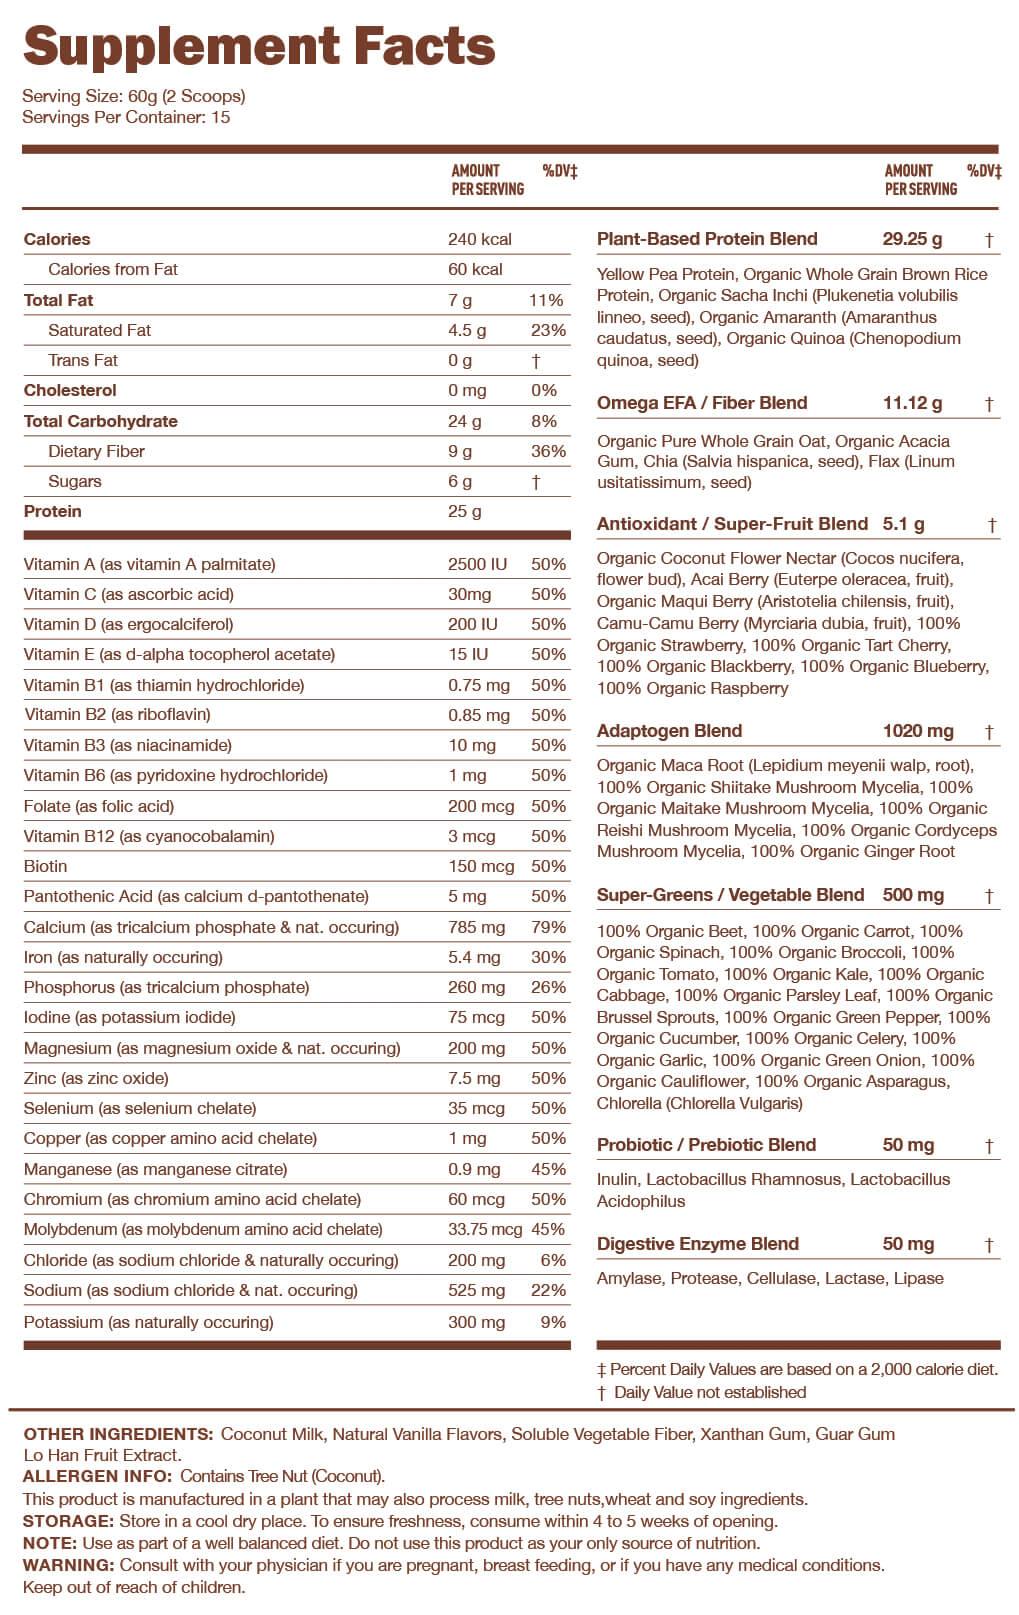 Kachava Nutrition Facts